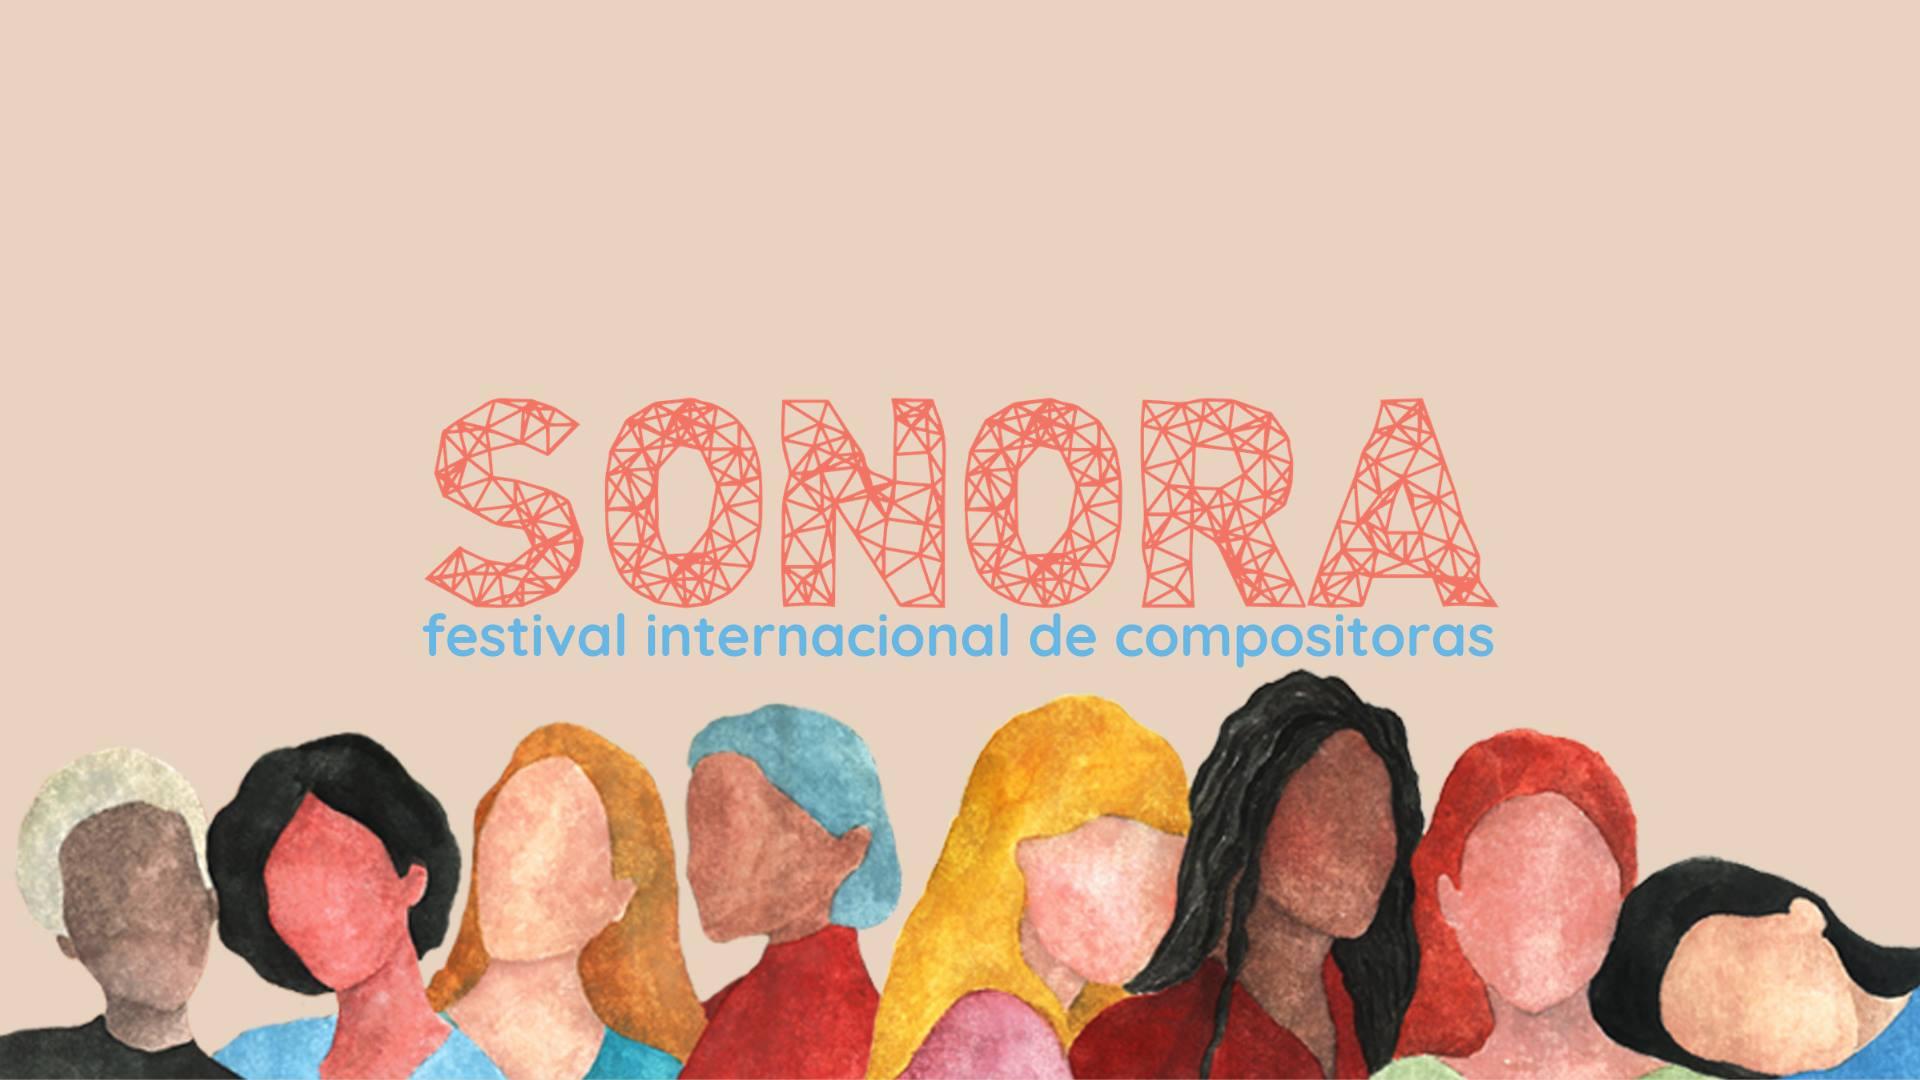 Sonora Festival de Compositoras de São Carlos acontece entre 11 e 16 de maio